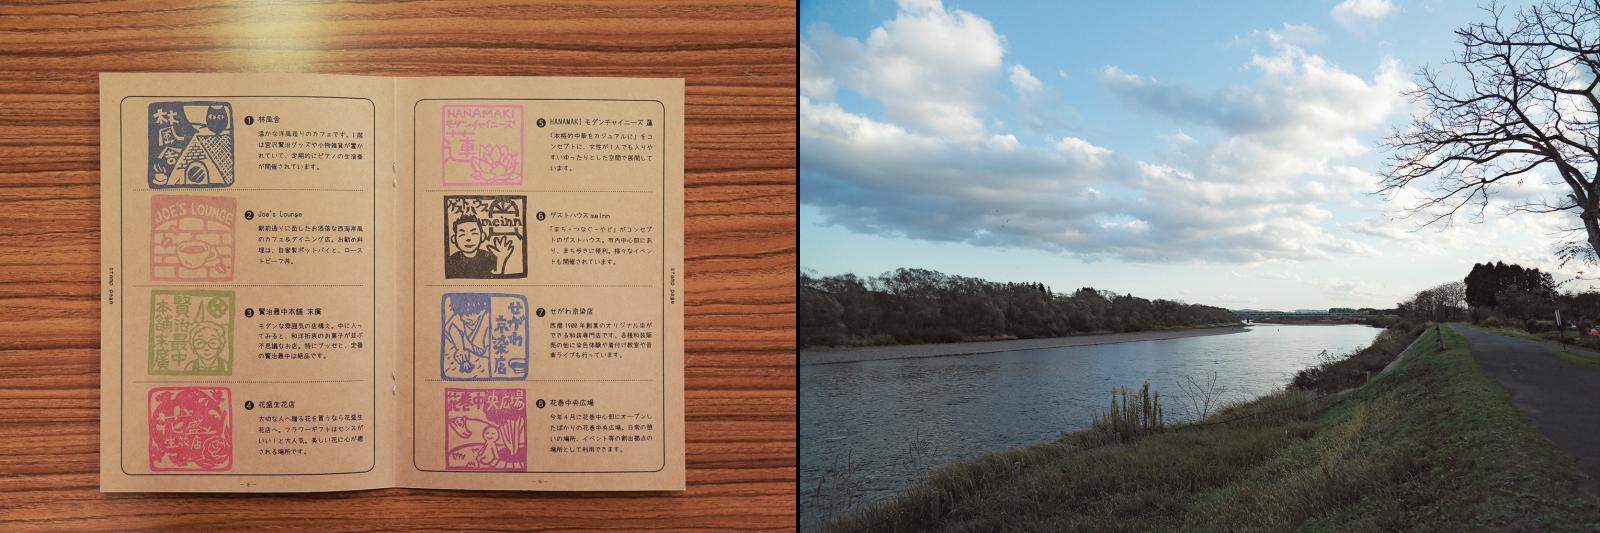 右/市内を流れる北上川。宮沢賢治が「イギリス海岸」と呼んだ周辺には「くるみの森」というお休み処がある。 左/スタンプラリーのために塩野さんが中心になって作製した冊子。手作りの消しゴムはんこが置かれた16か所を巡りながら街歩きを楽しんだ。